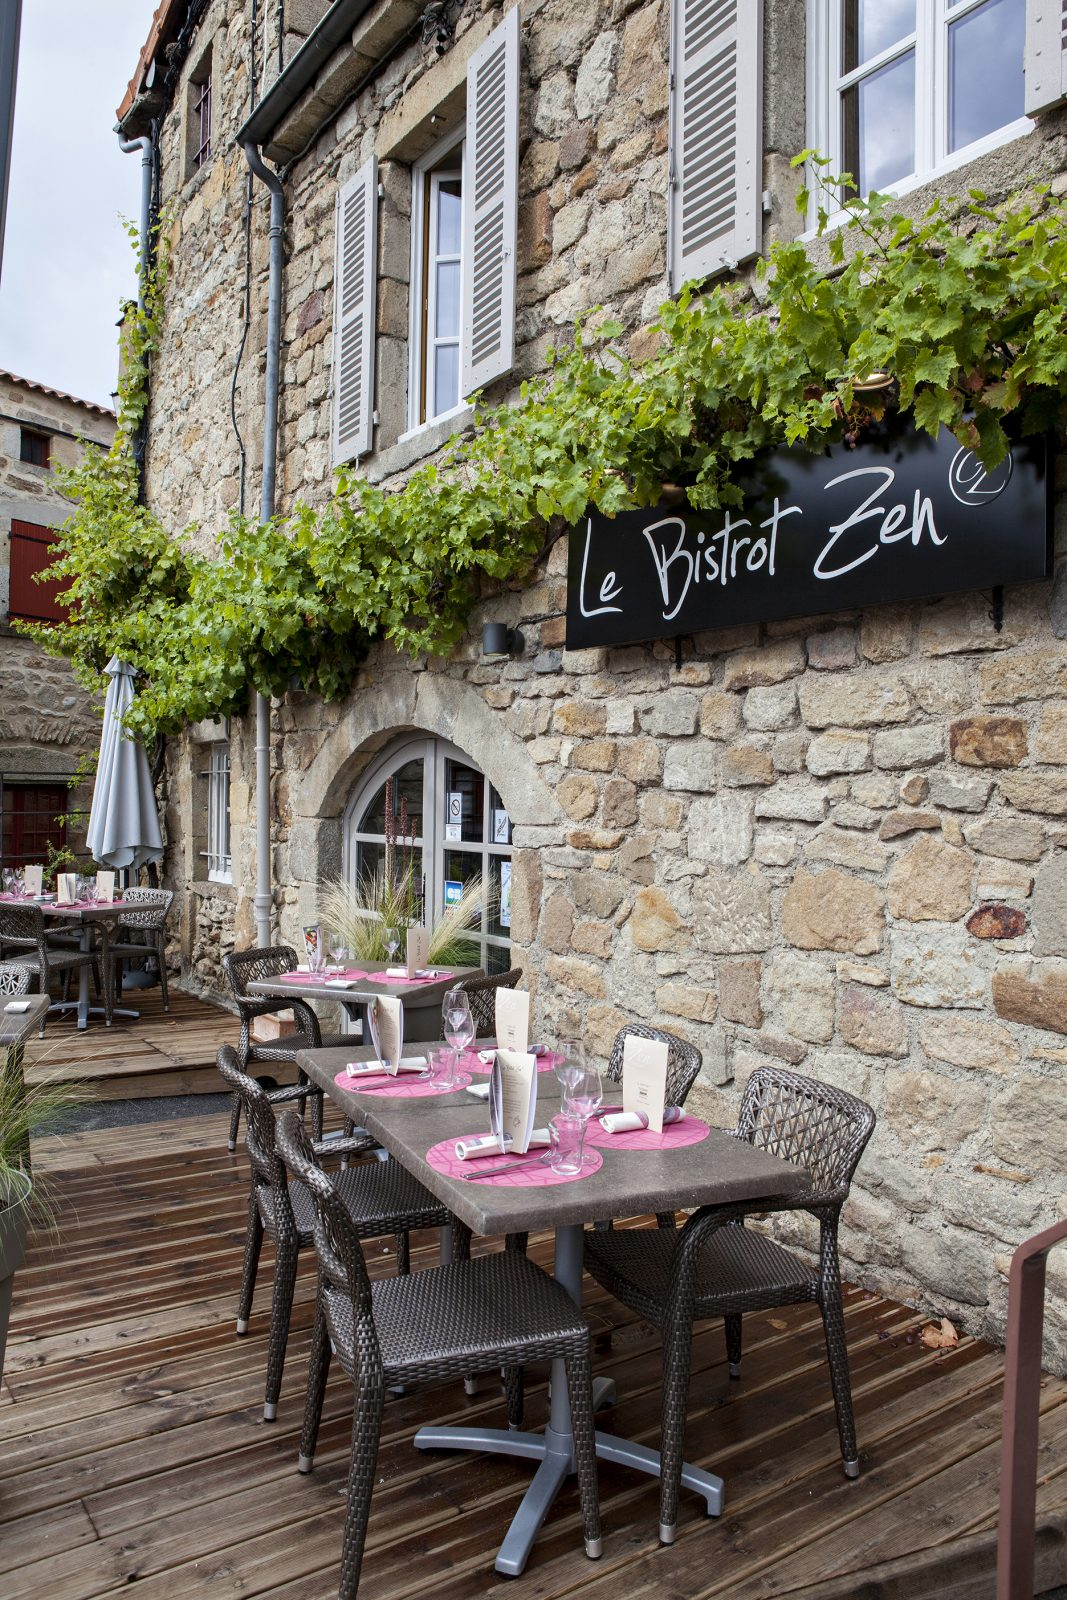 Le Bistrot Zen à Montpeyroux